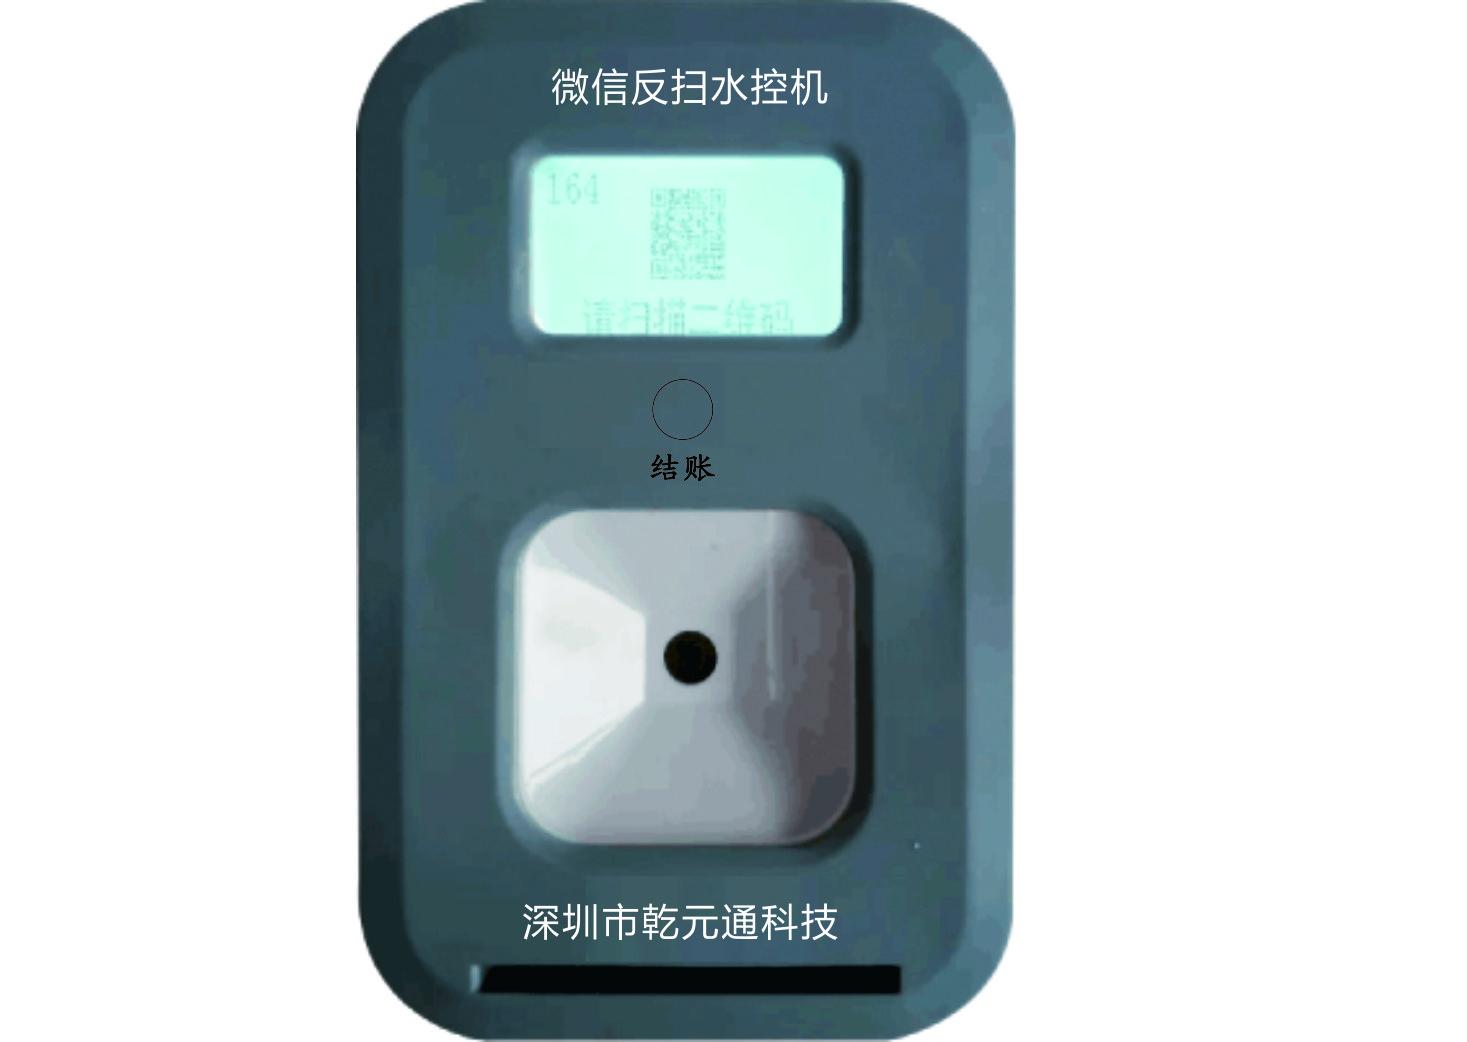 微信反扫水控机